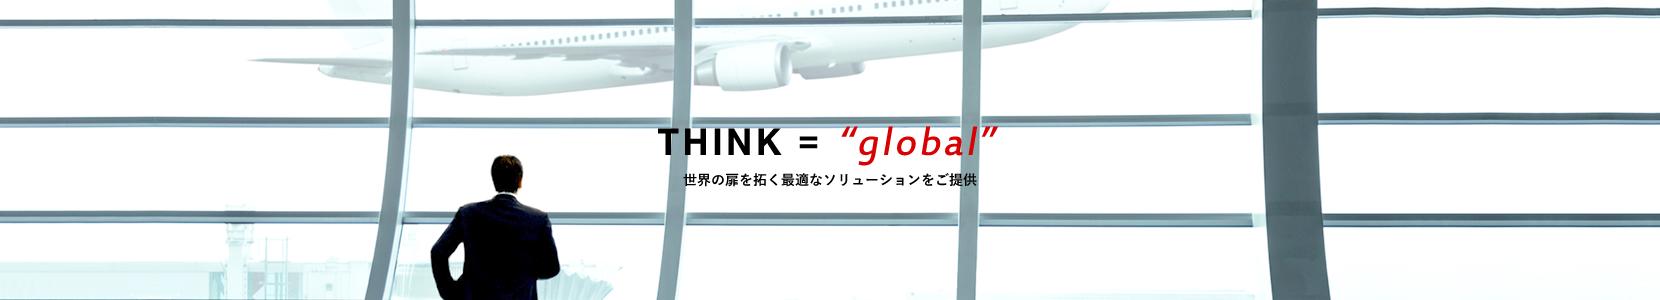 THINK = global 世界の扉を拓く最適なソリューションをご提供|税理士法人 A.パートナーズ